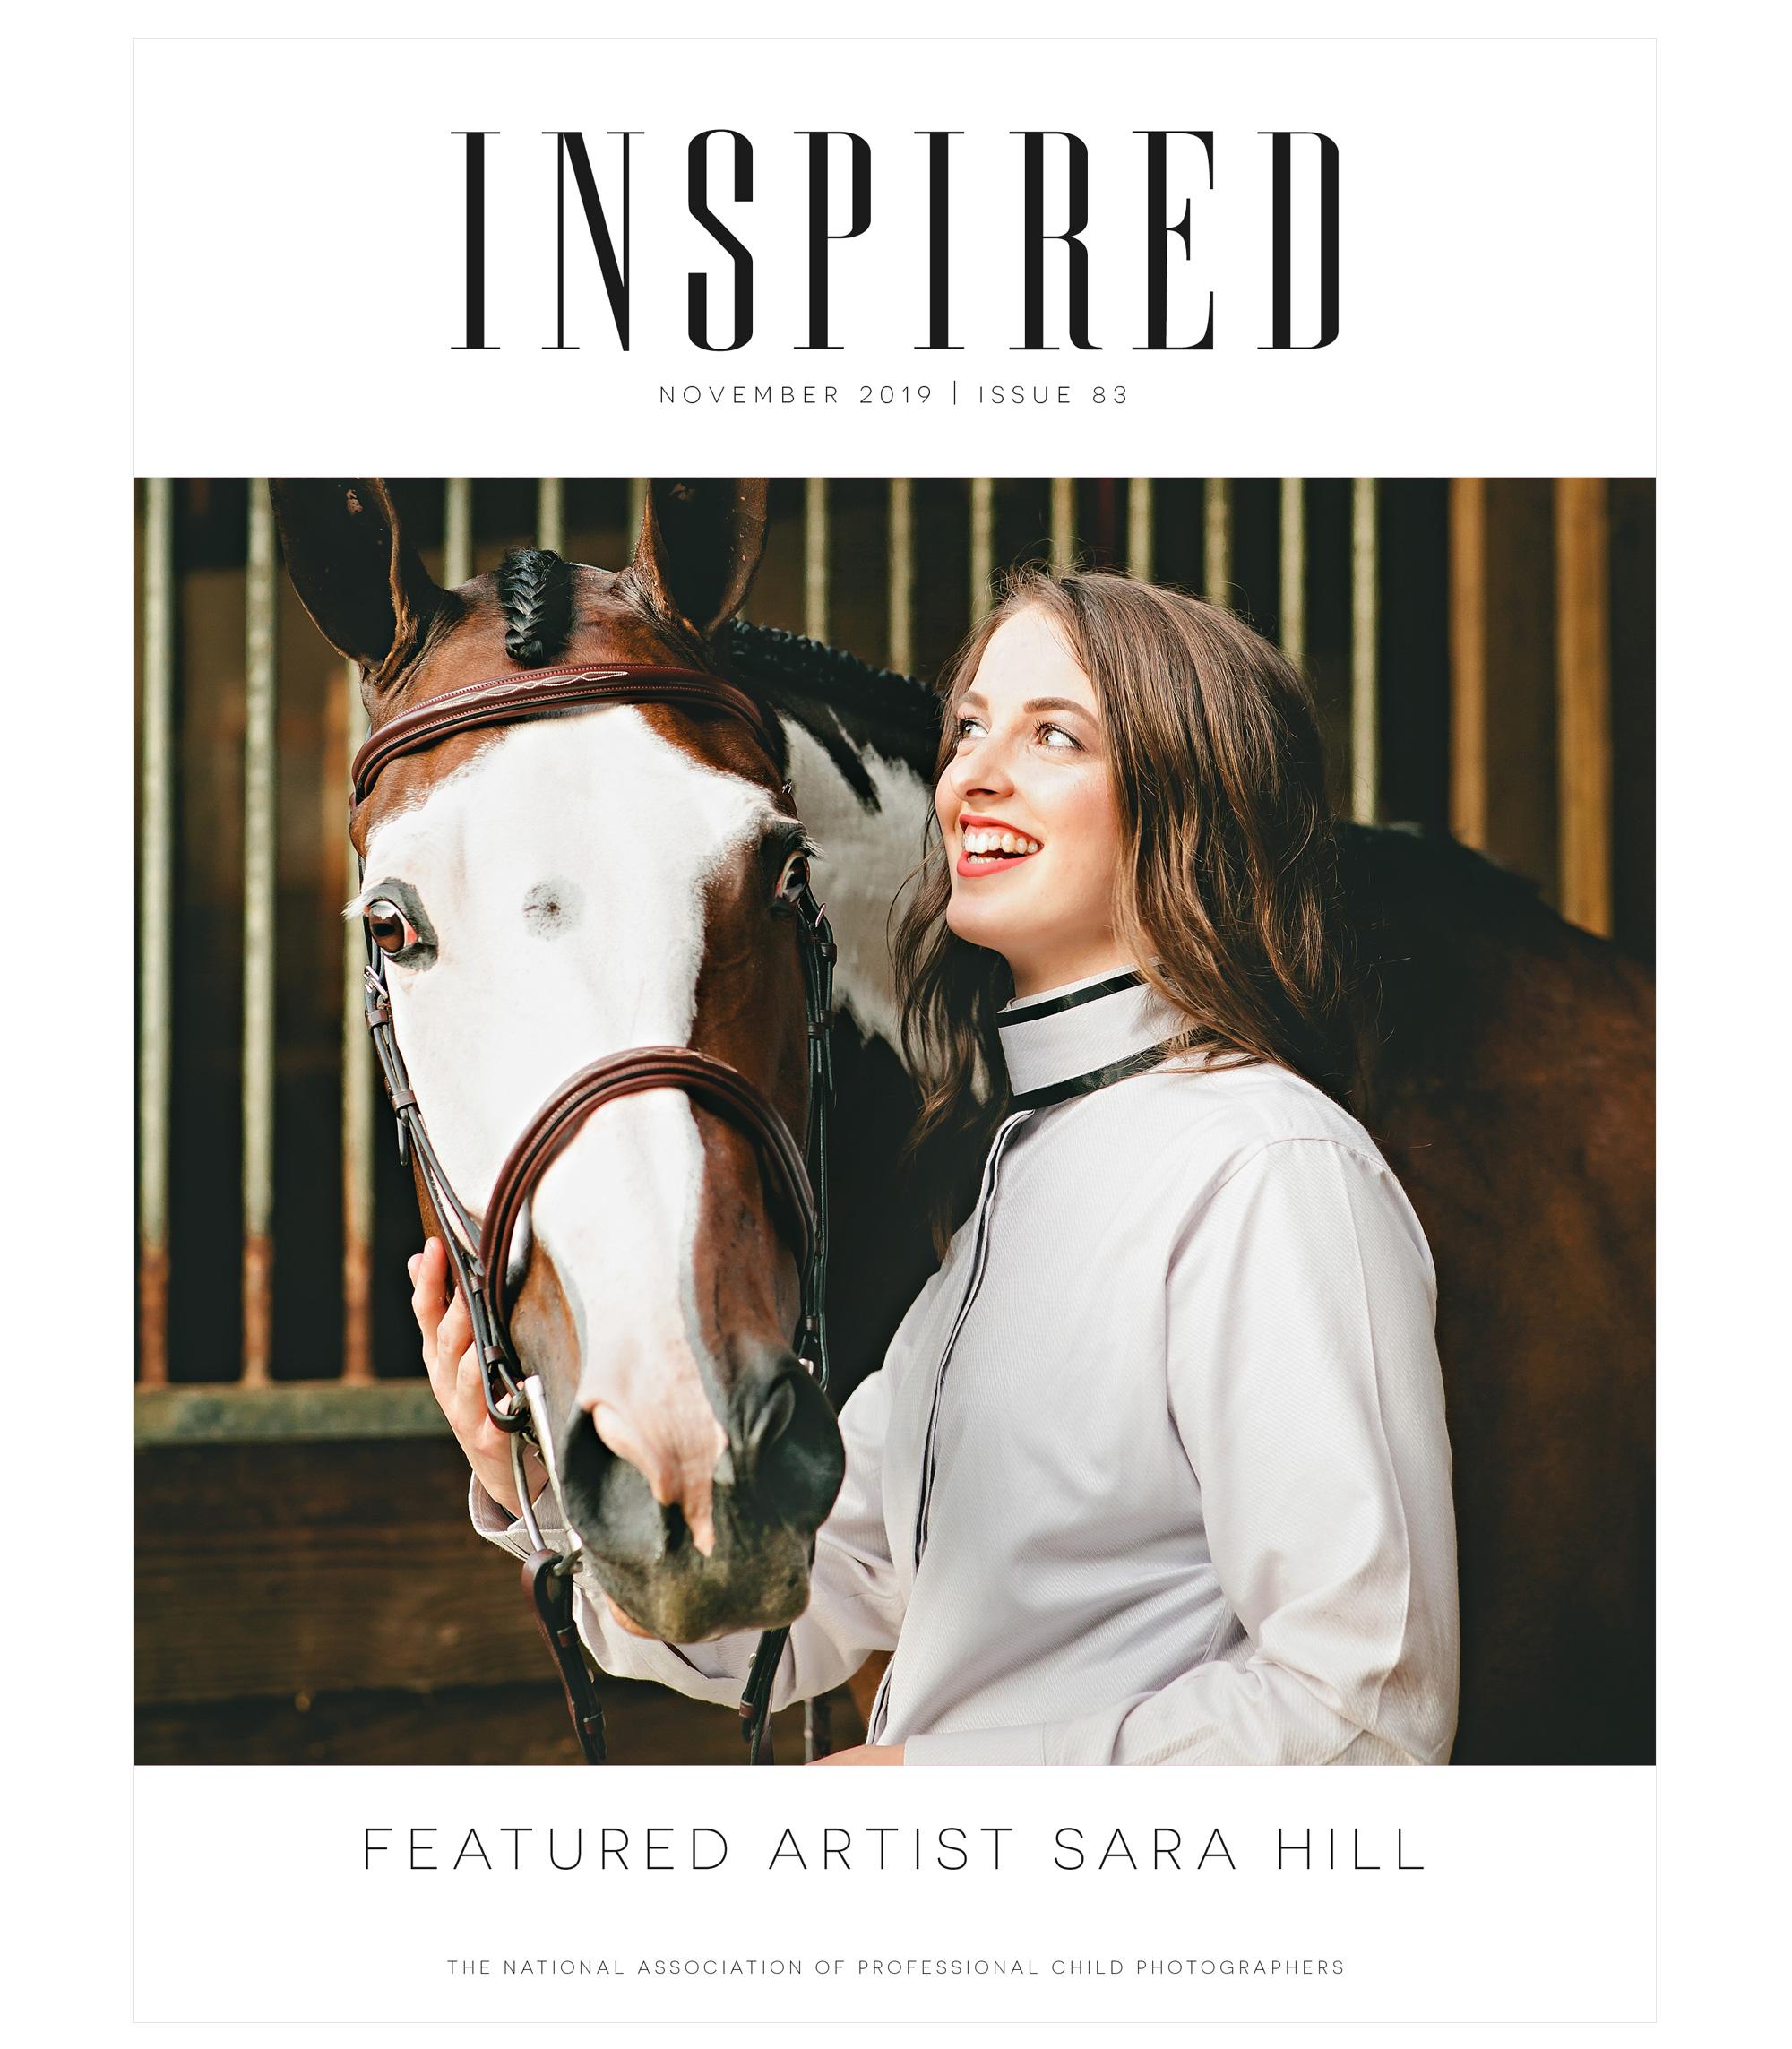 Inspired November 2019 Issue 83